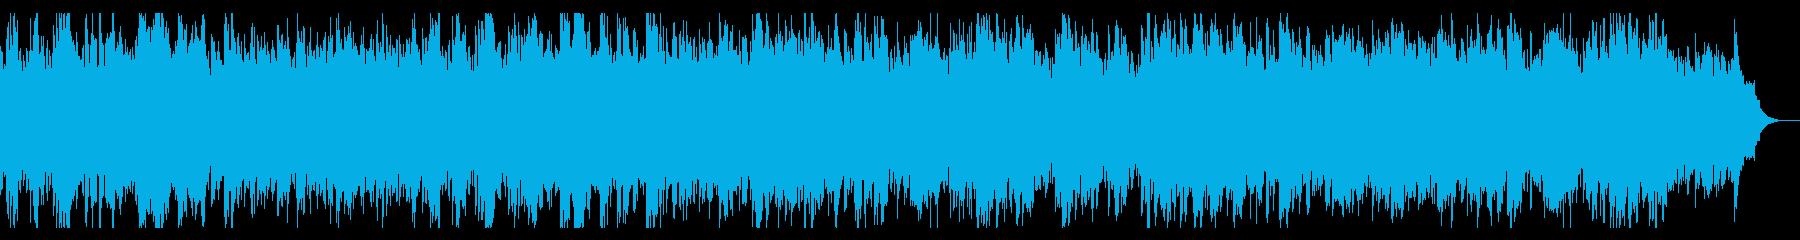 切なくダークなアルペジオとストリングスの再生済みの波形